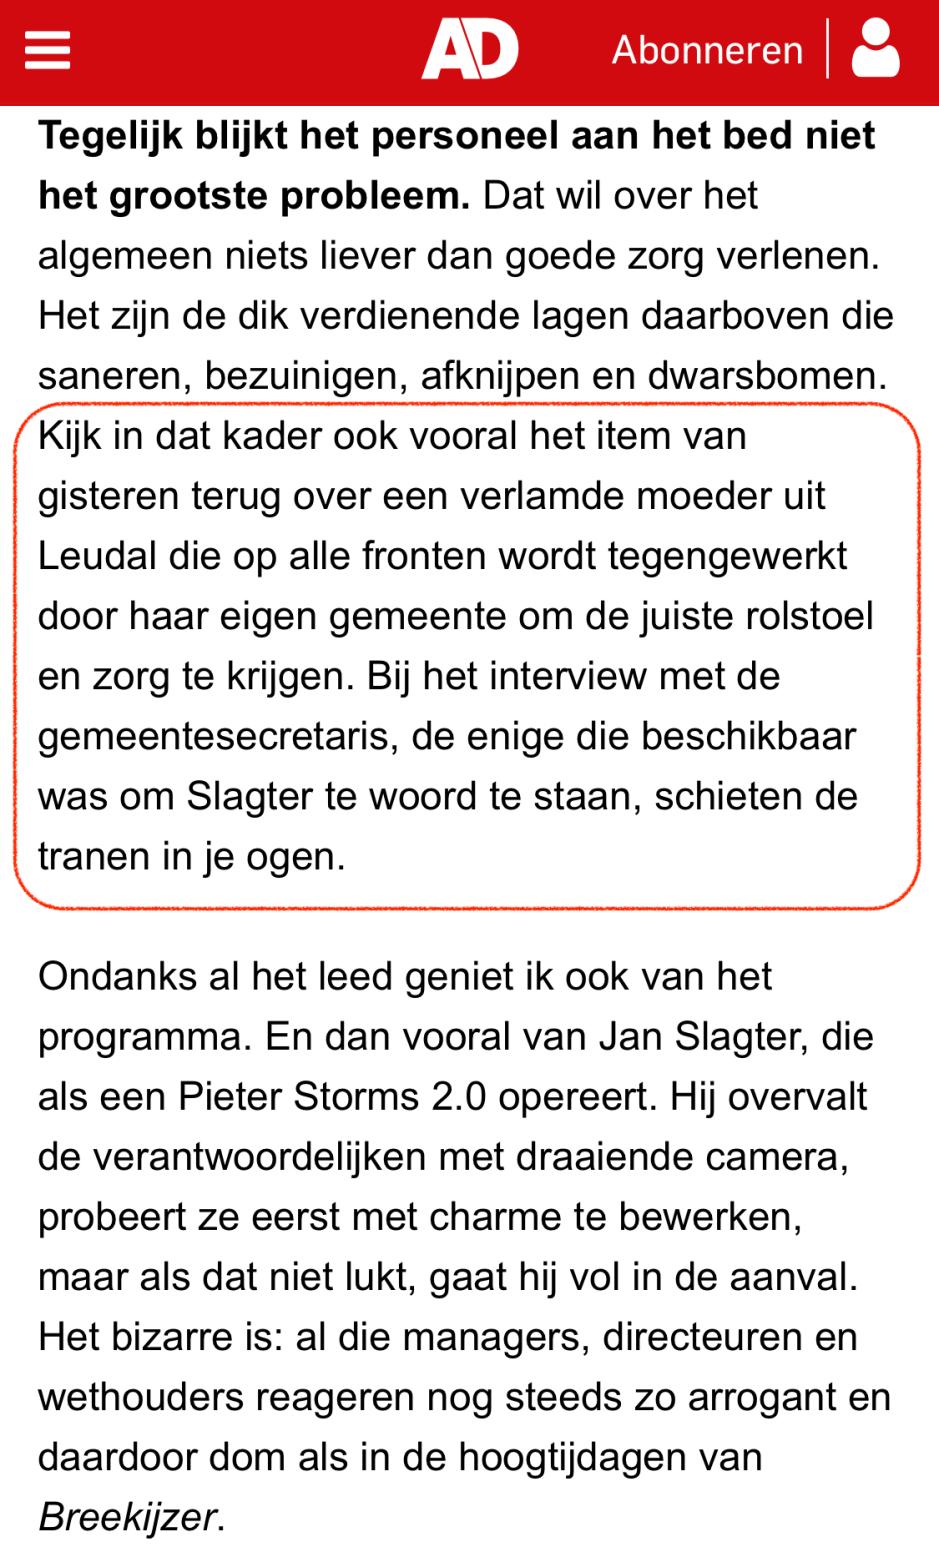 zorgwaakhond leudal justine Algemeen dagblad AD Jan Slagter 10 april2019.PNG